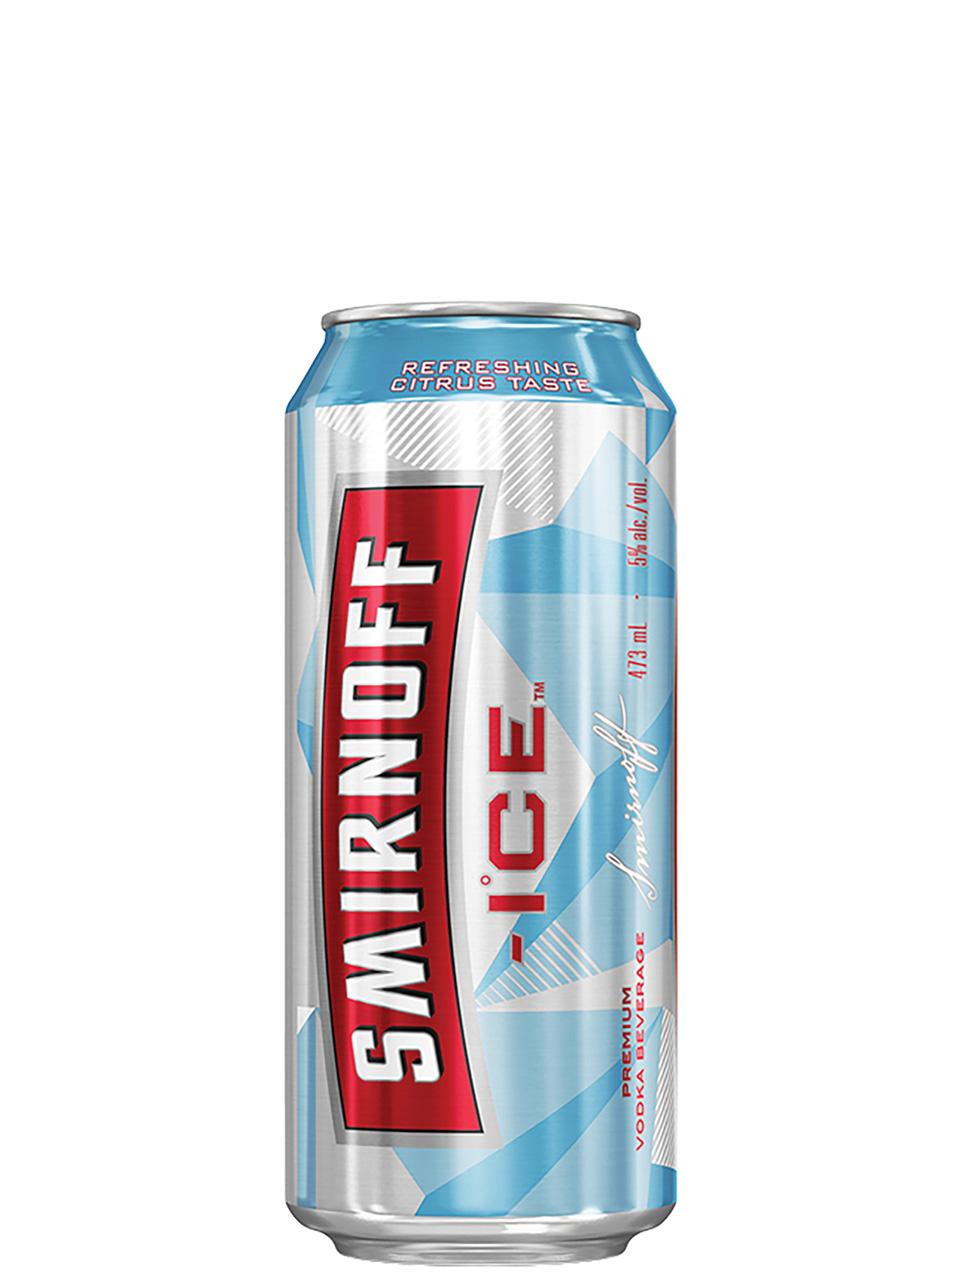 Smirnoff Ice Tall Can